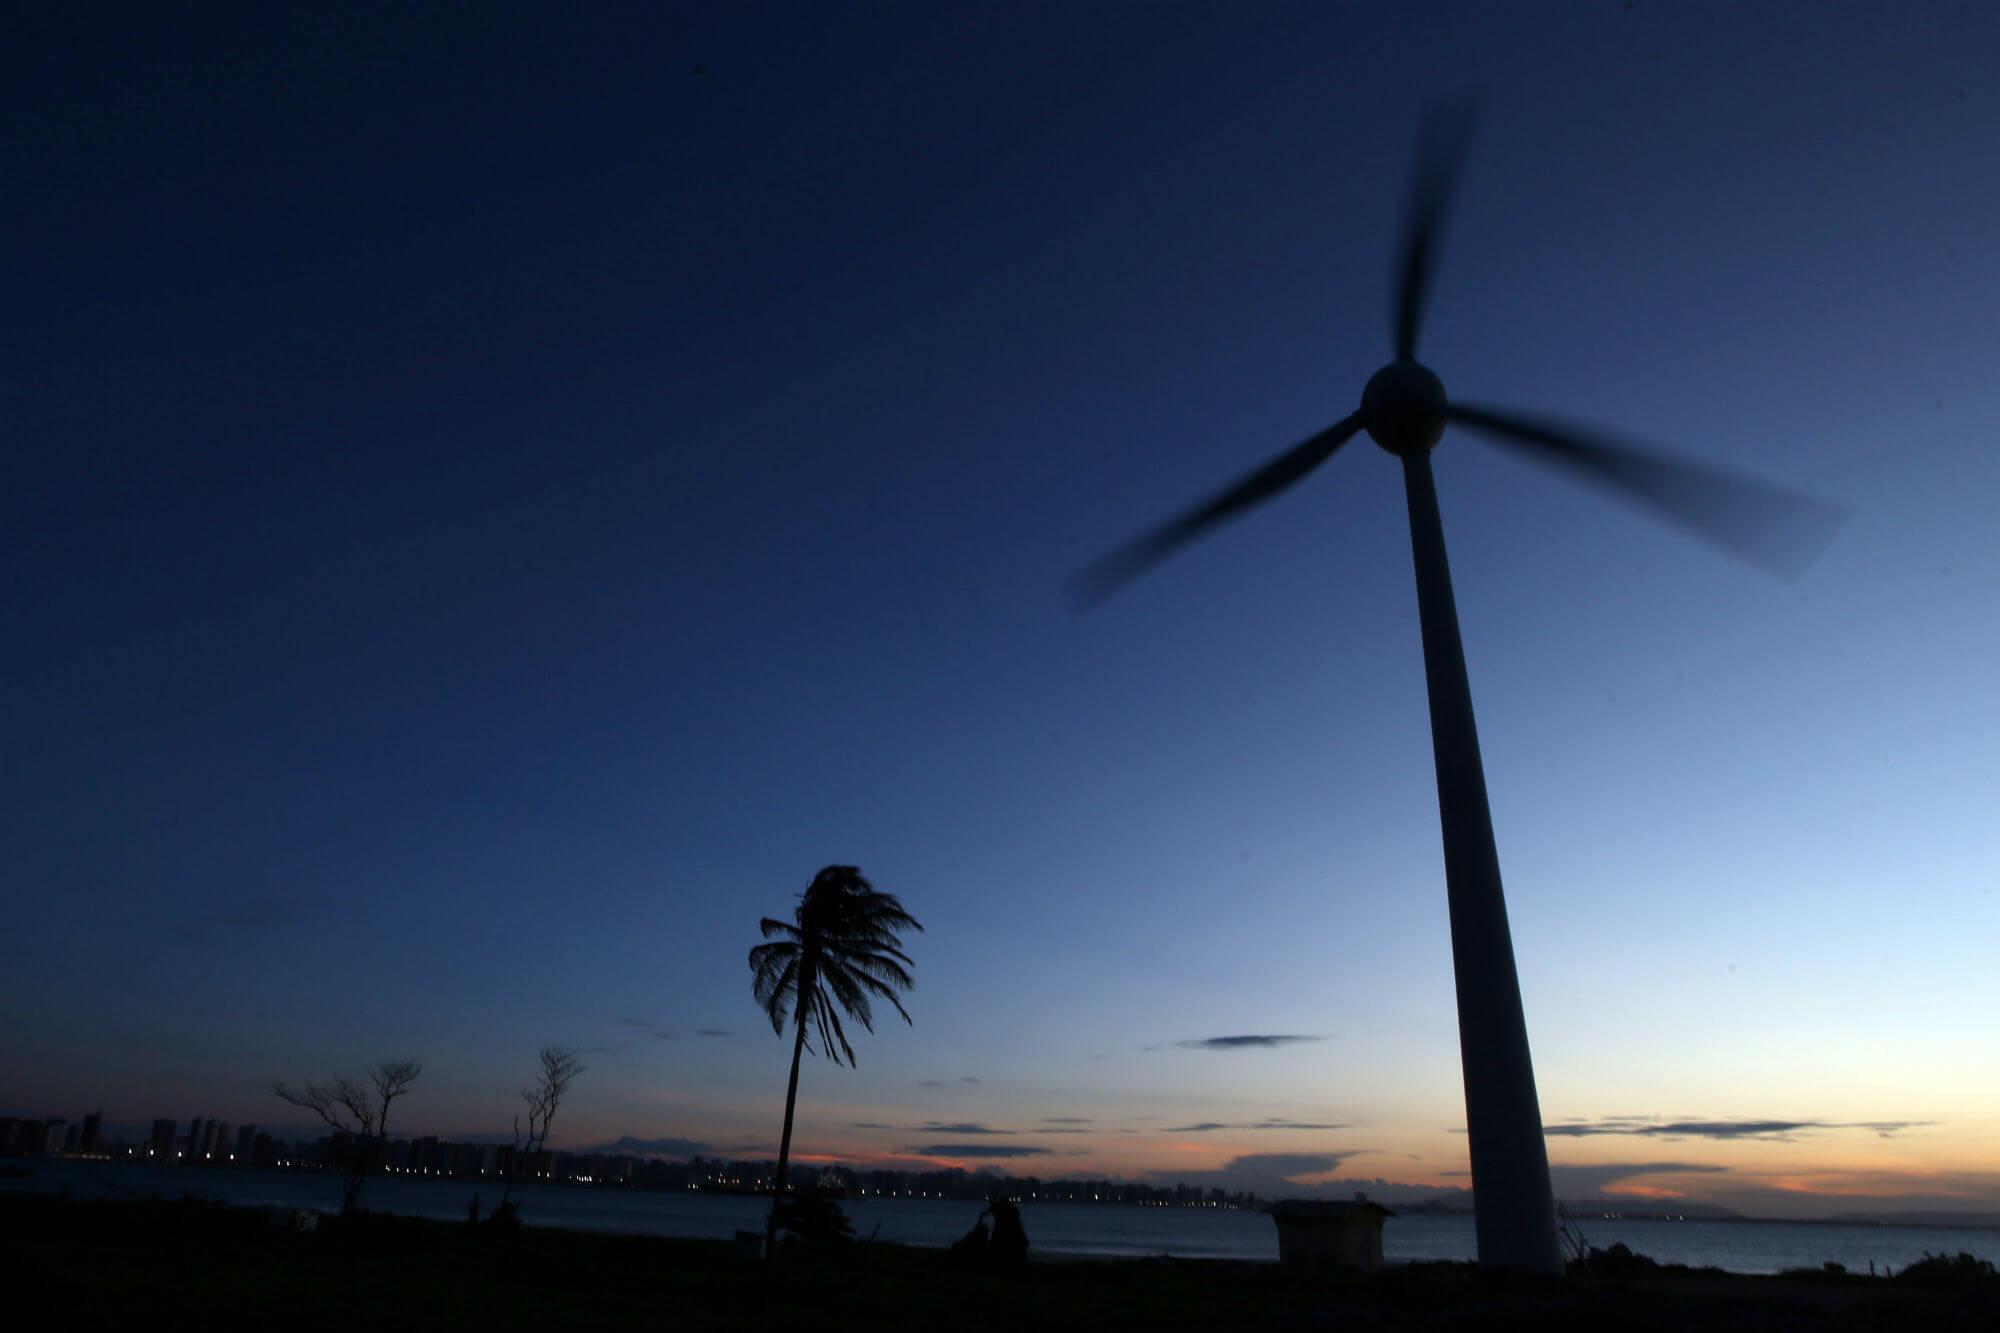 parque eólico será construído na bahia por meio de joint venture